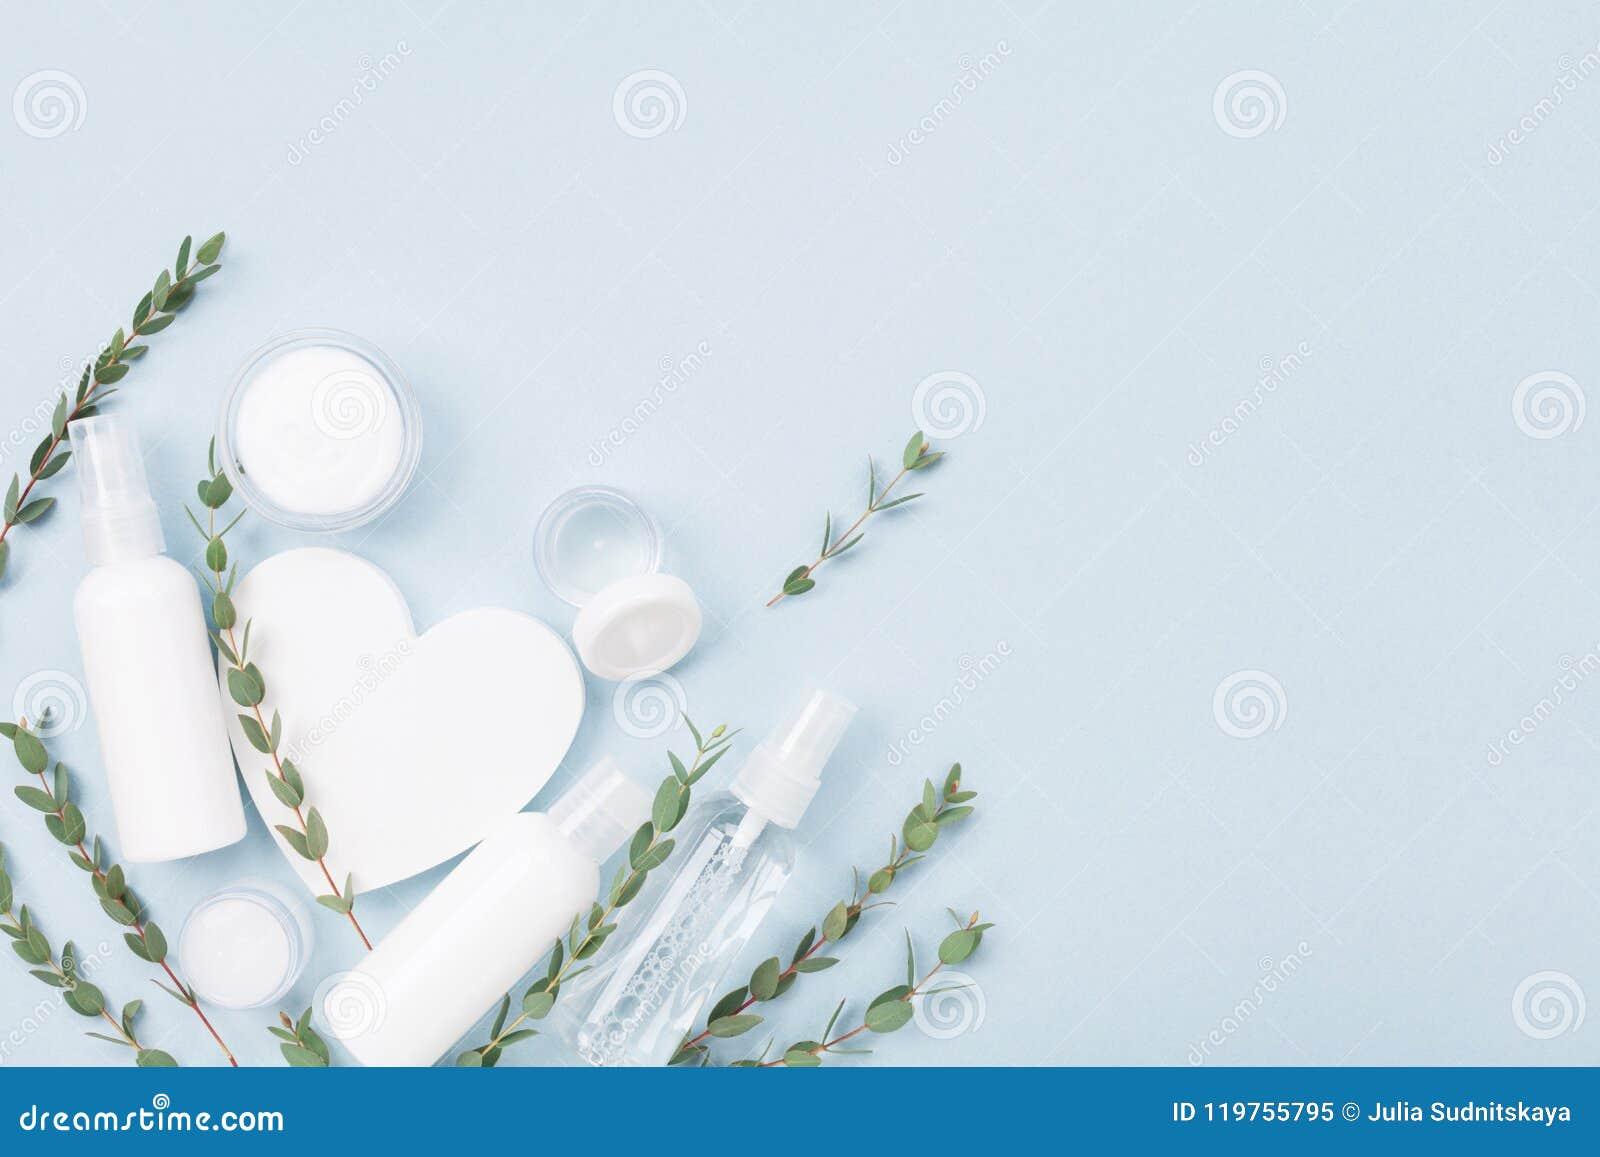 Το καλλυντικό που τέθηκε για τη φροντίδα δέρματος και την επεξεργασία ομορφιάς διακόσμησε με την άσπρη ξύλινη τοπ άποψη φύλλων κα